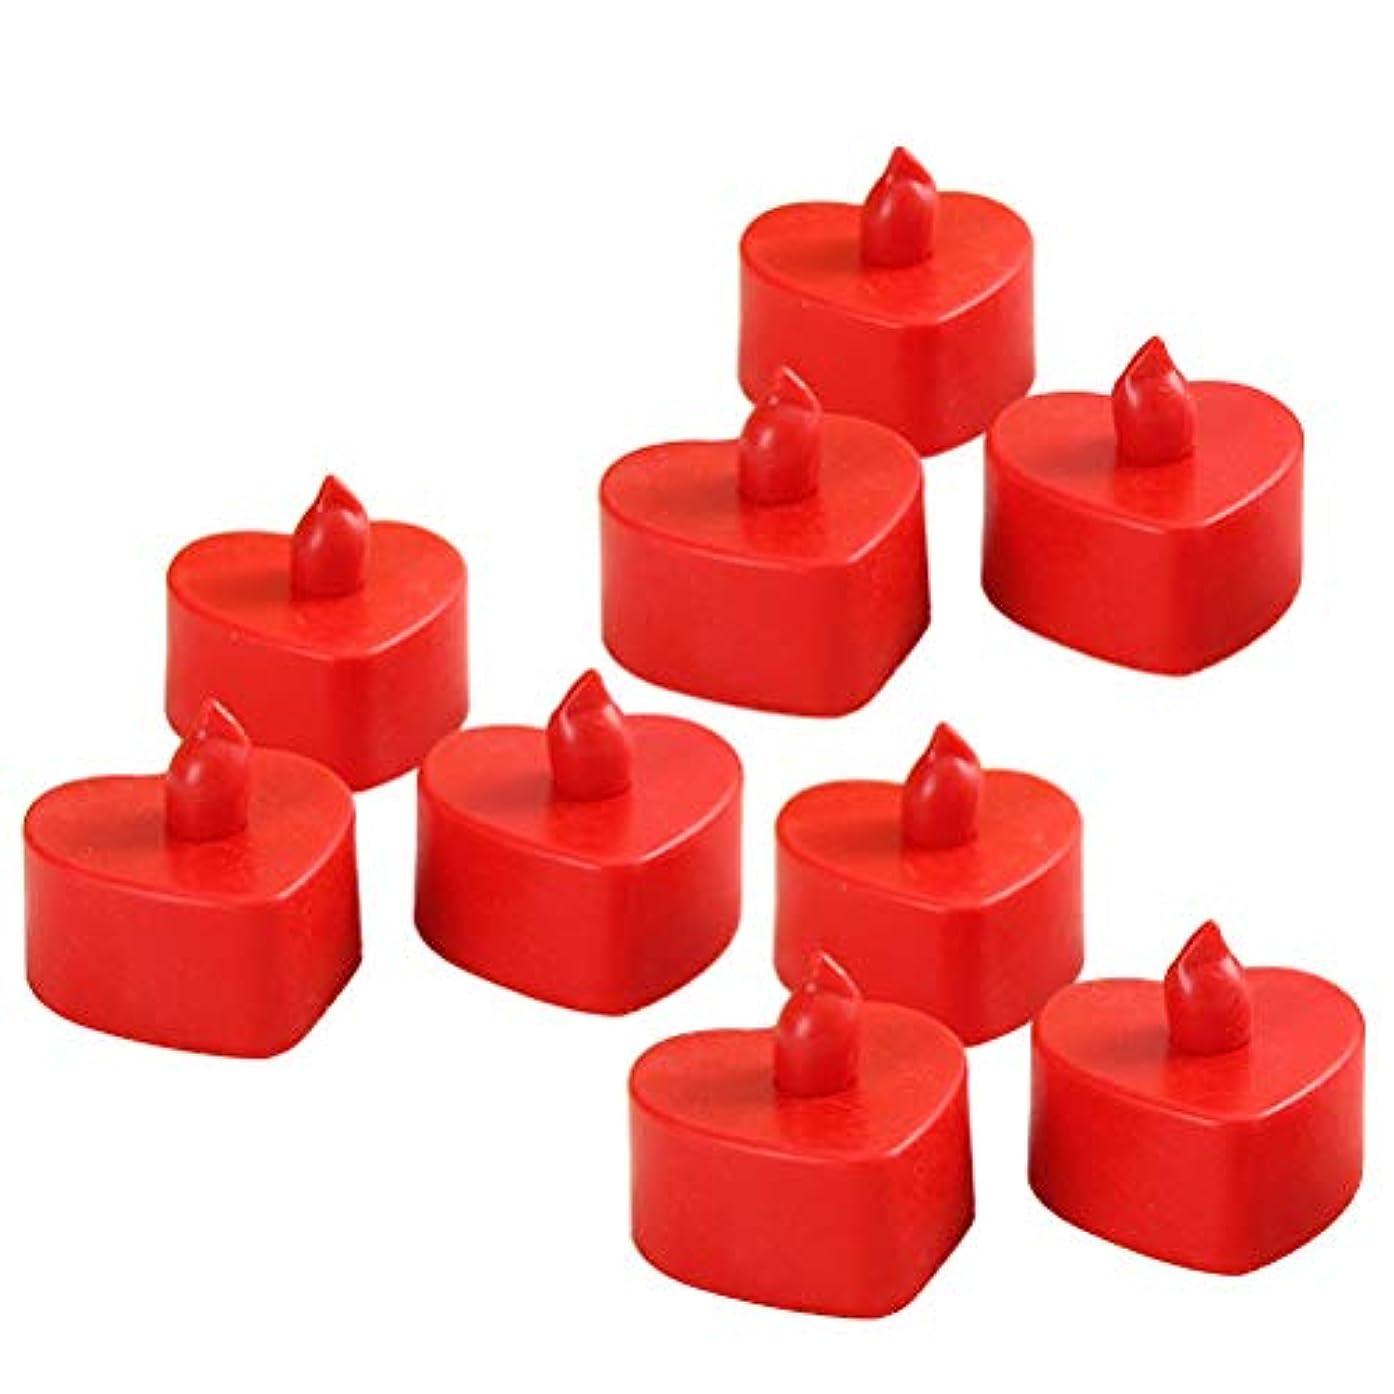 音楽家仮称決定するBESTOYARD 10個のLed茶色のライトは、電池で作動するFlameless Tealightキャンドル暖かい黄色のライトライトハートシェイプクリスマスのウェディングパーティの装飾(赤いシェル、赤い光)